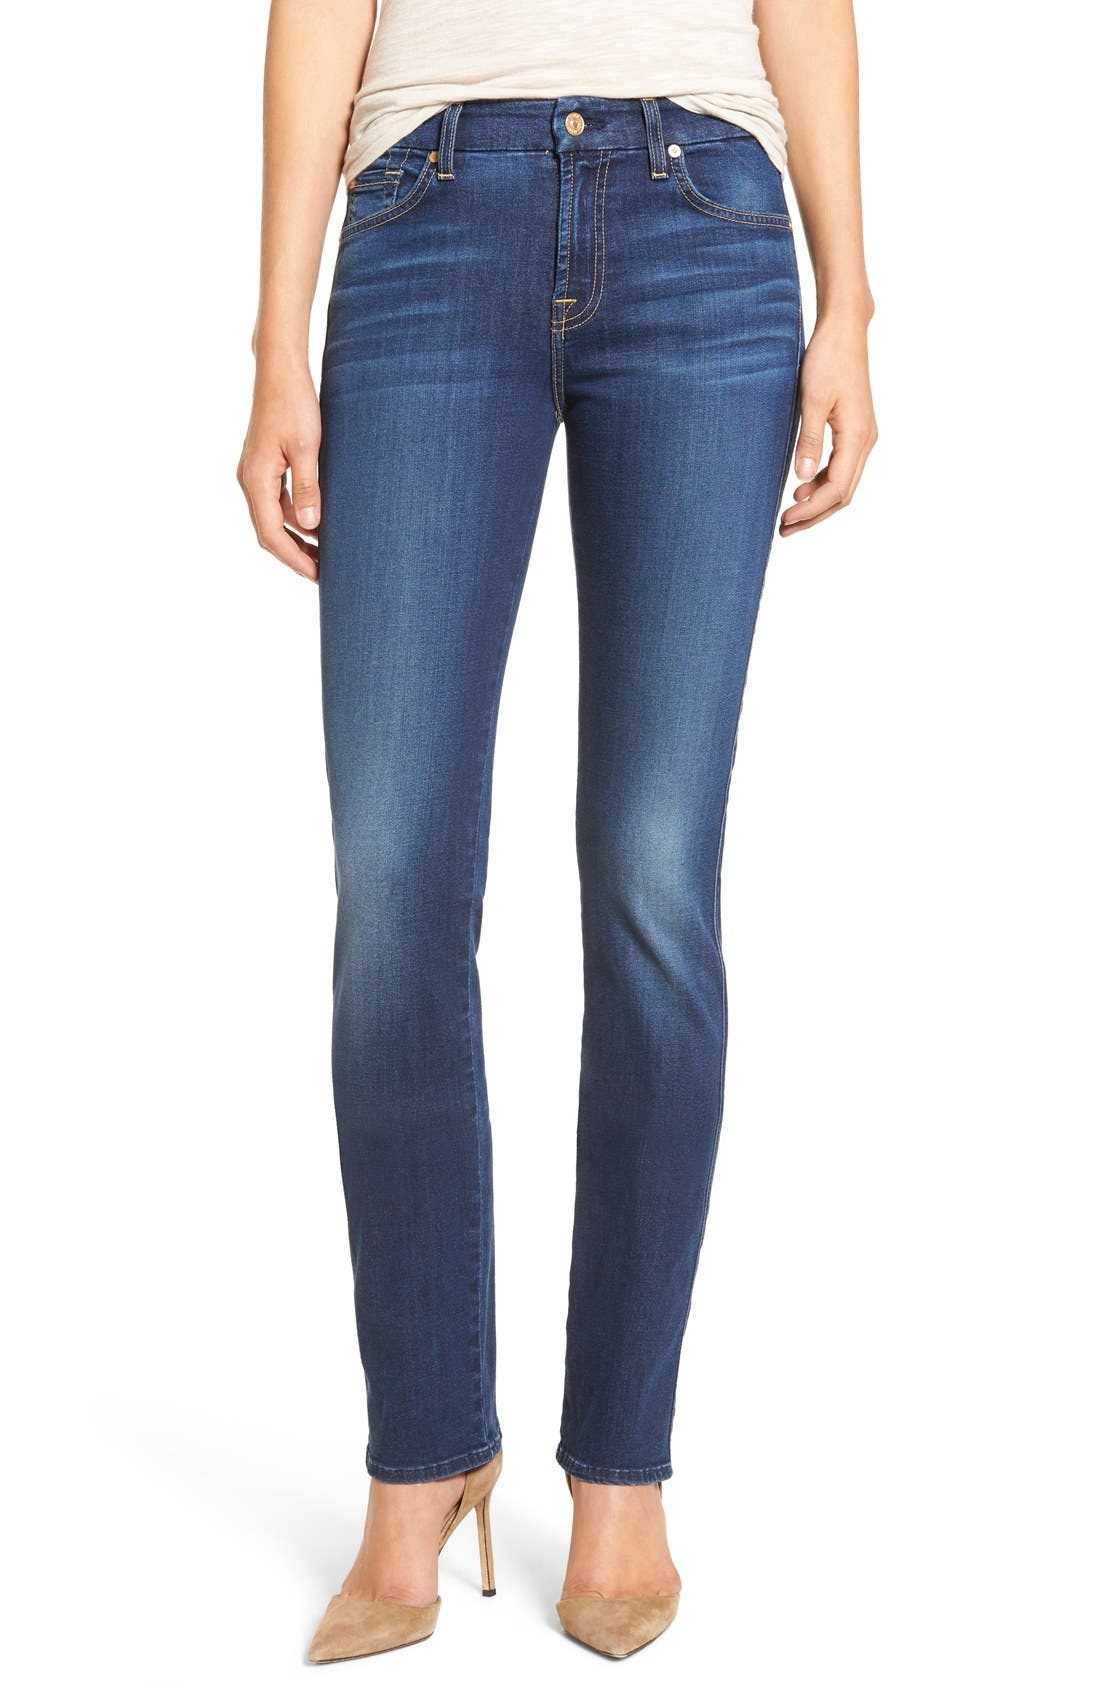 b(air) Kimmie Straight Leg Jeans,                         Main,                         color, DUCHESS